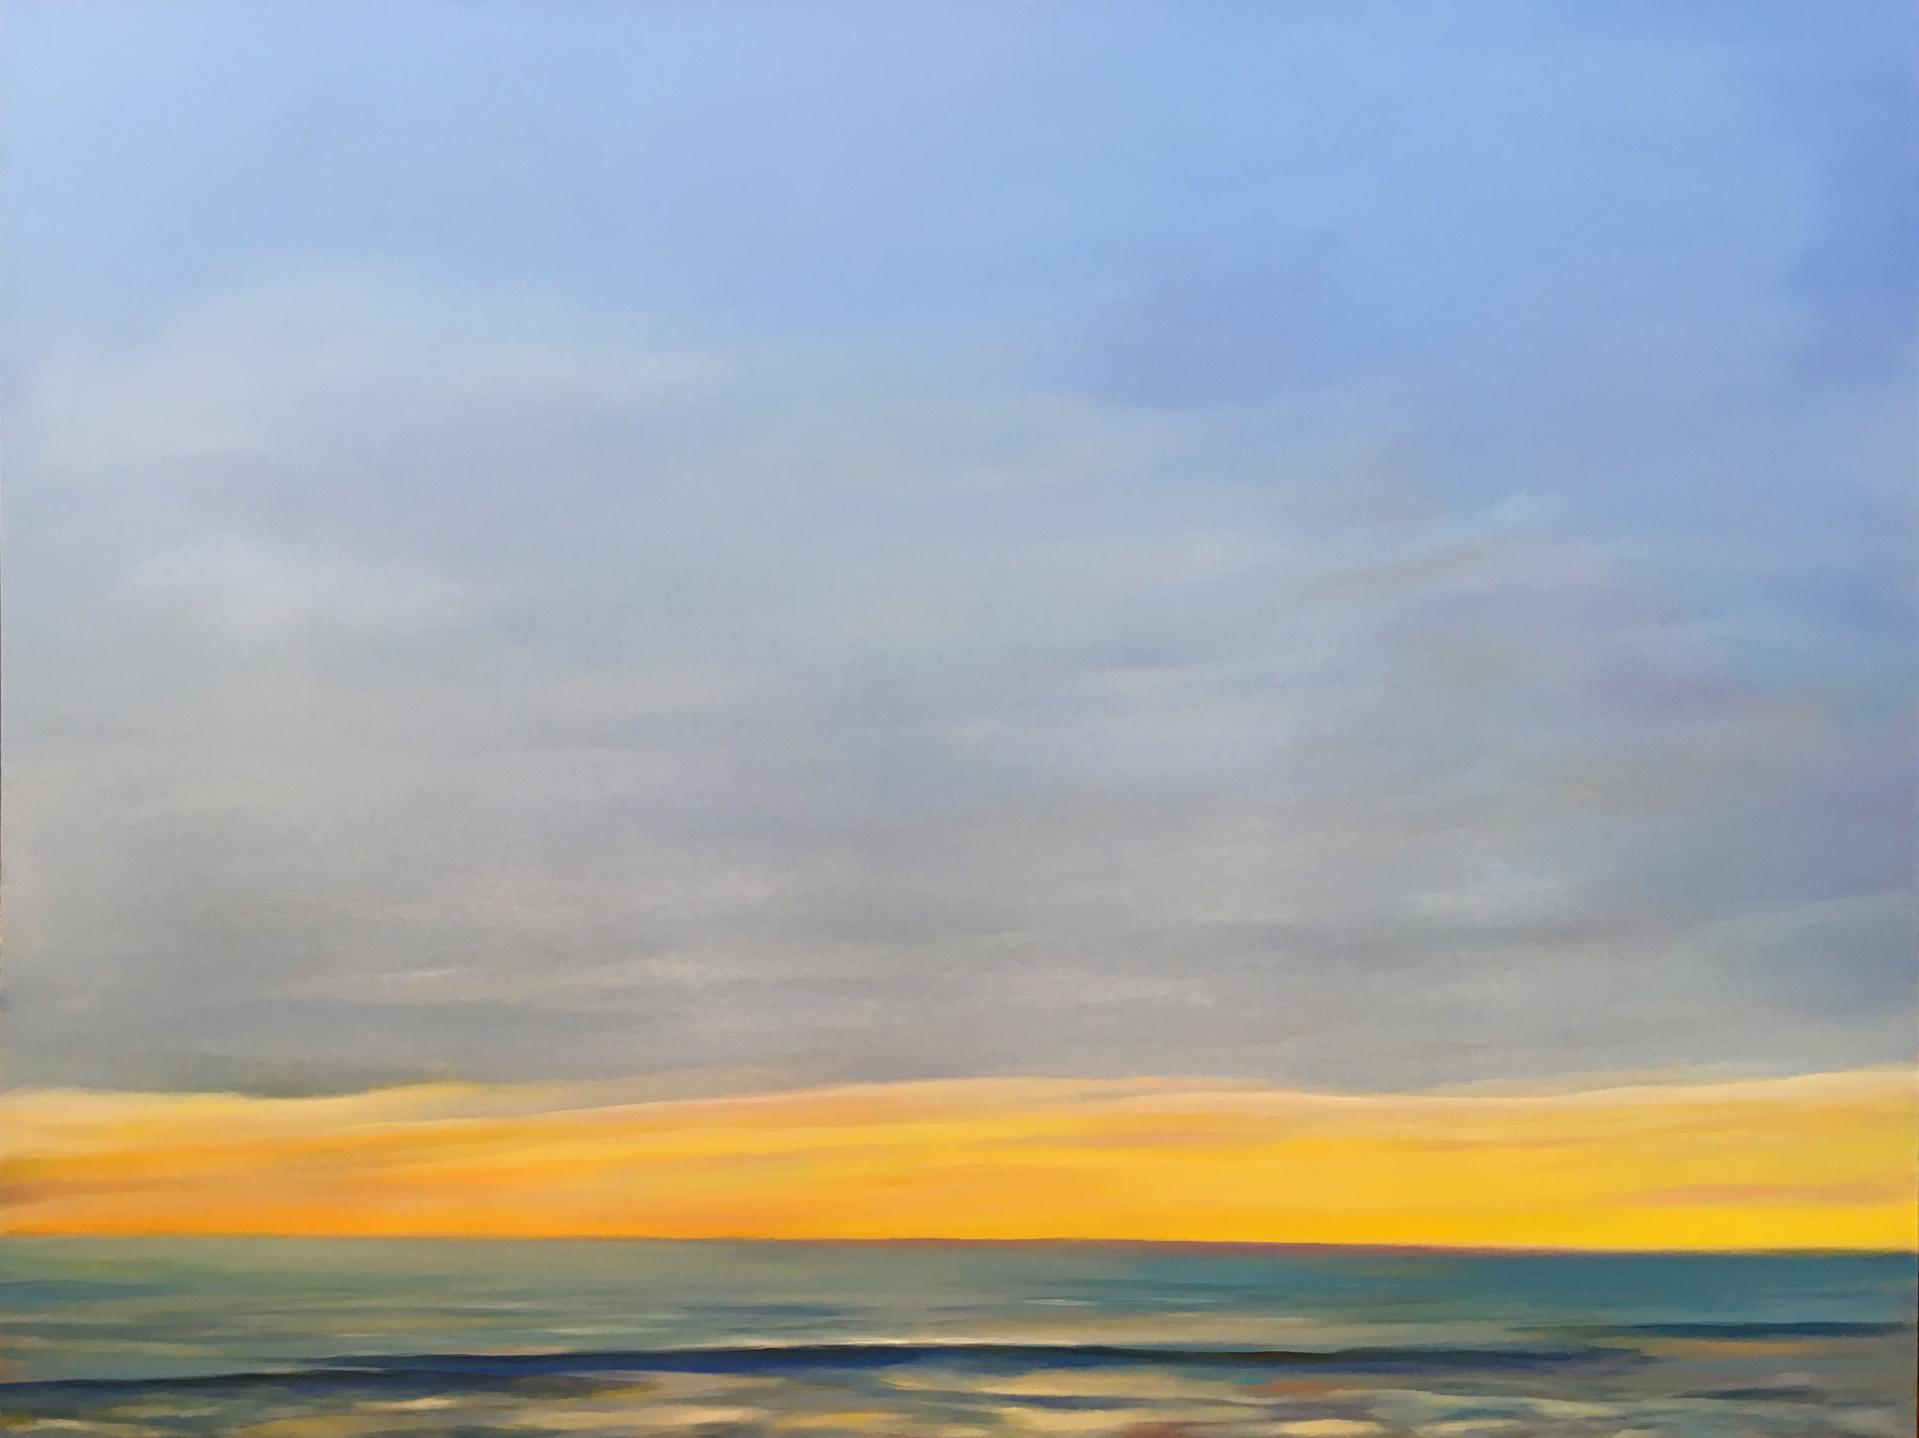 'Summer 2017' by Sally Breen